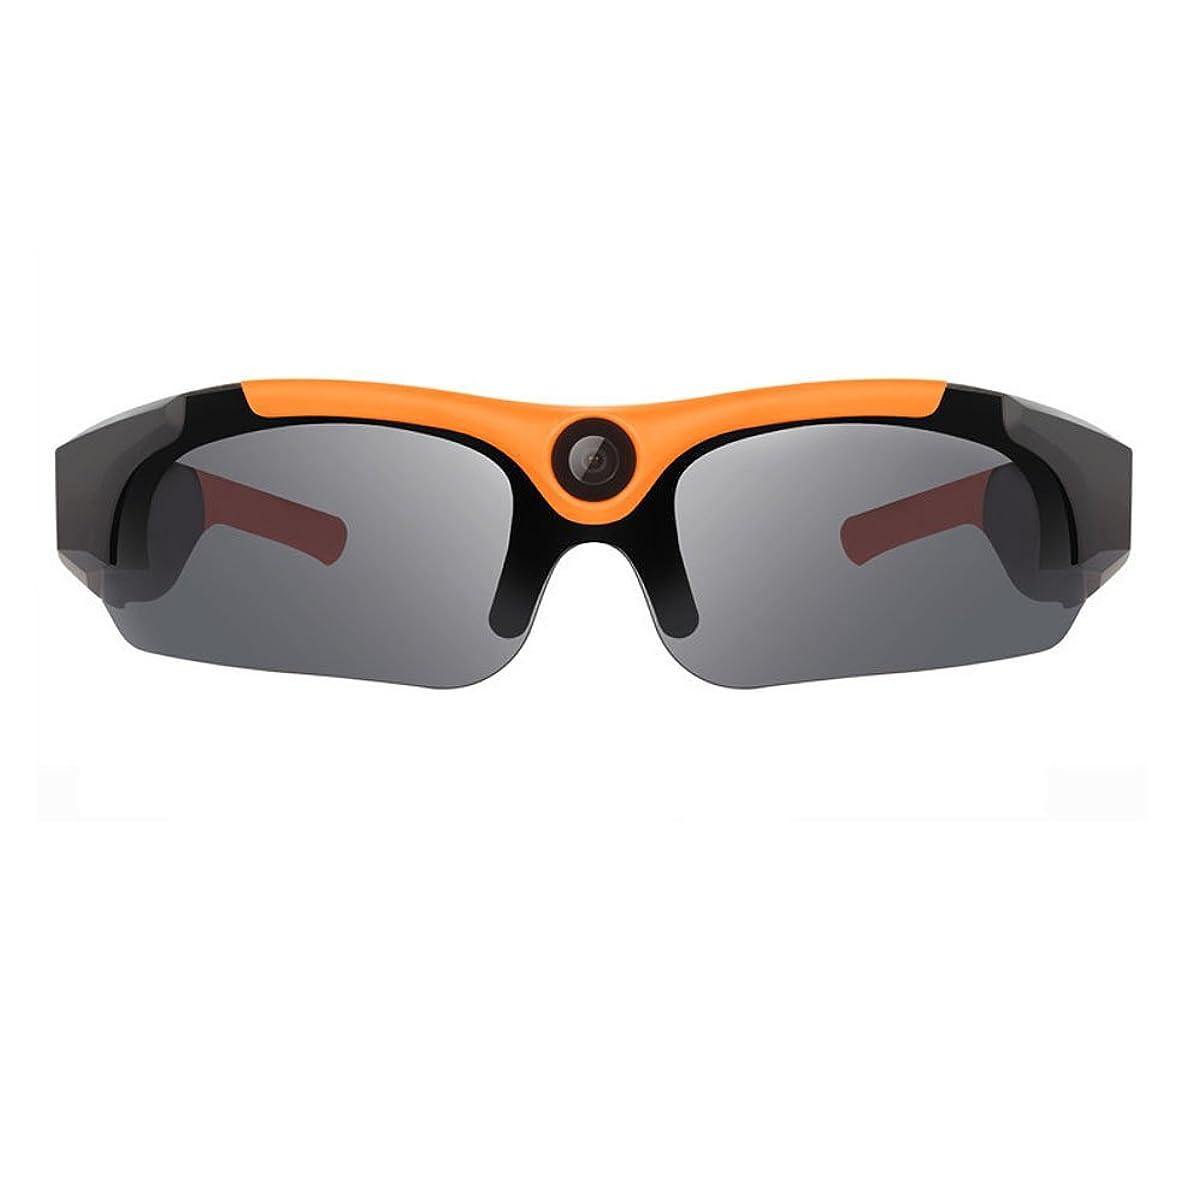 協力台風雹JTN1 スポーツカメラ サングラスカメラ 隠しカメラ 1080P 高画質 多機能 ビデオカメラ ドライブレコーダー 偏光サングラス 広角レンズ (オレンジ)